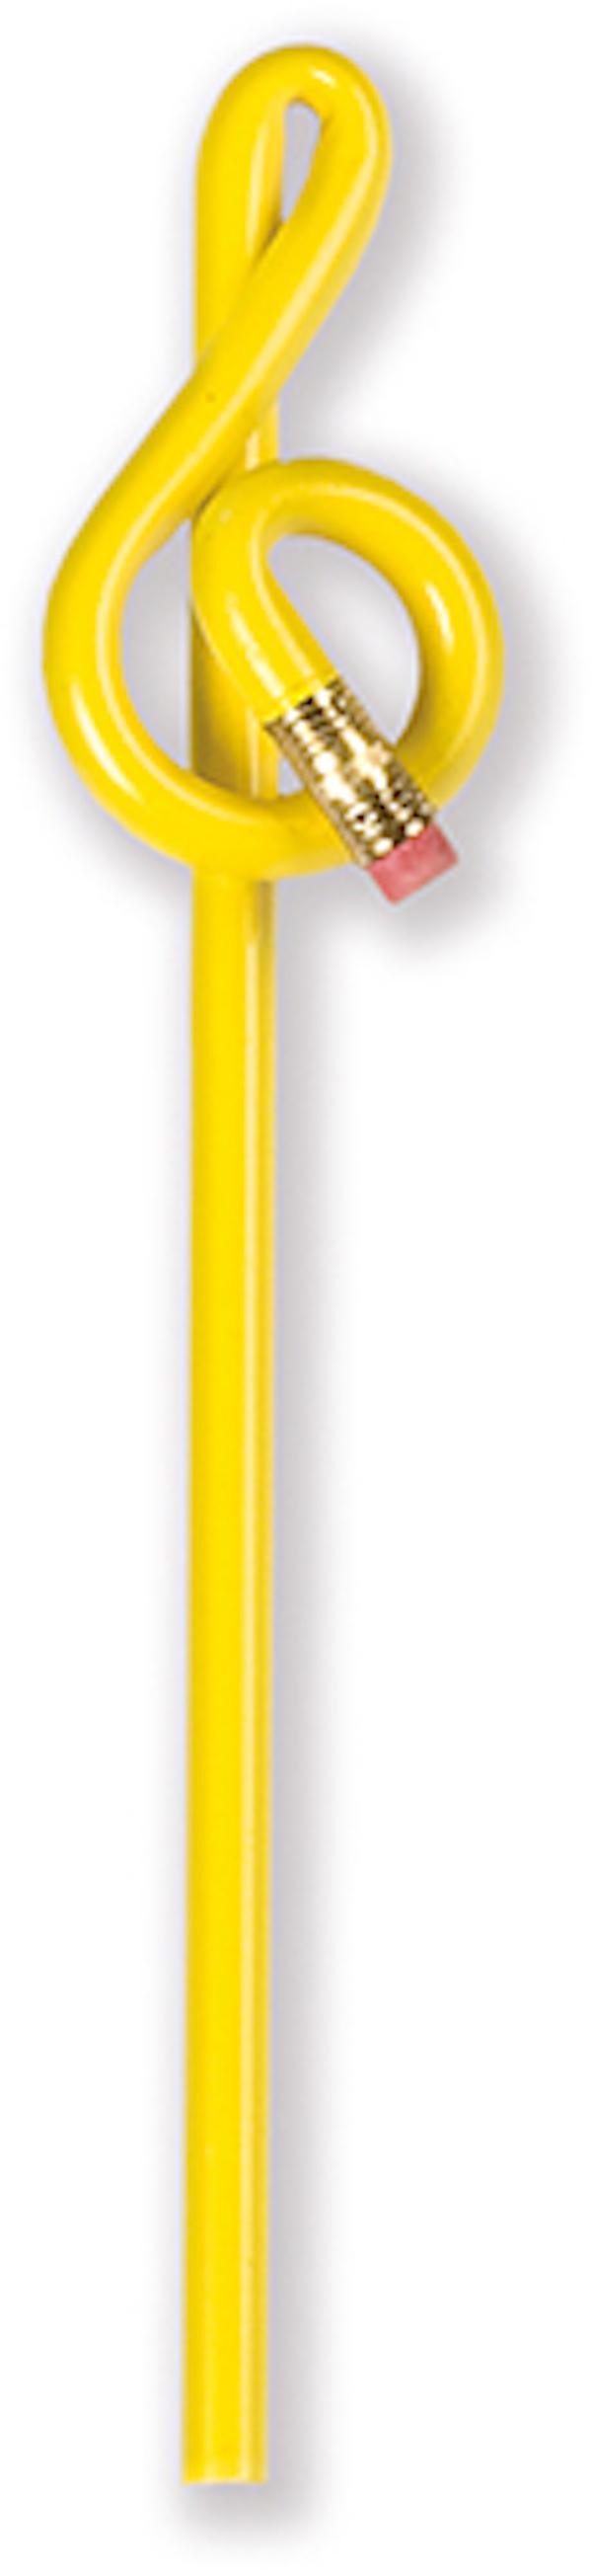 Violinschlüsselbleistift gelb